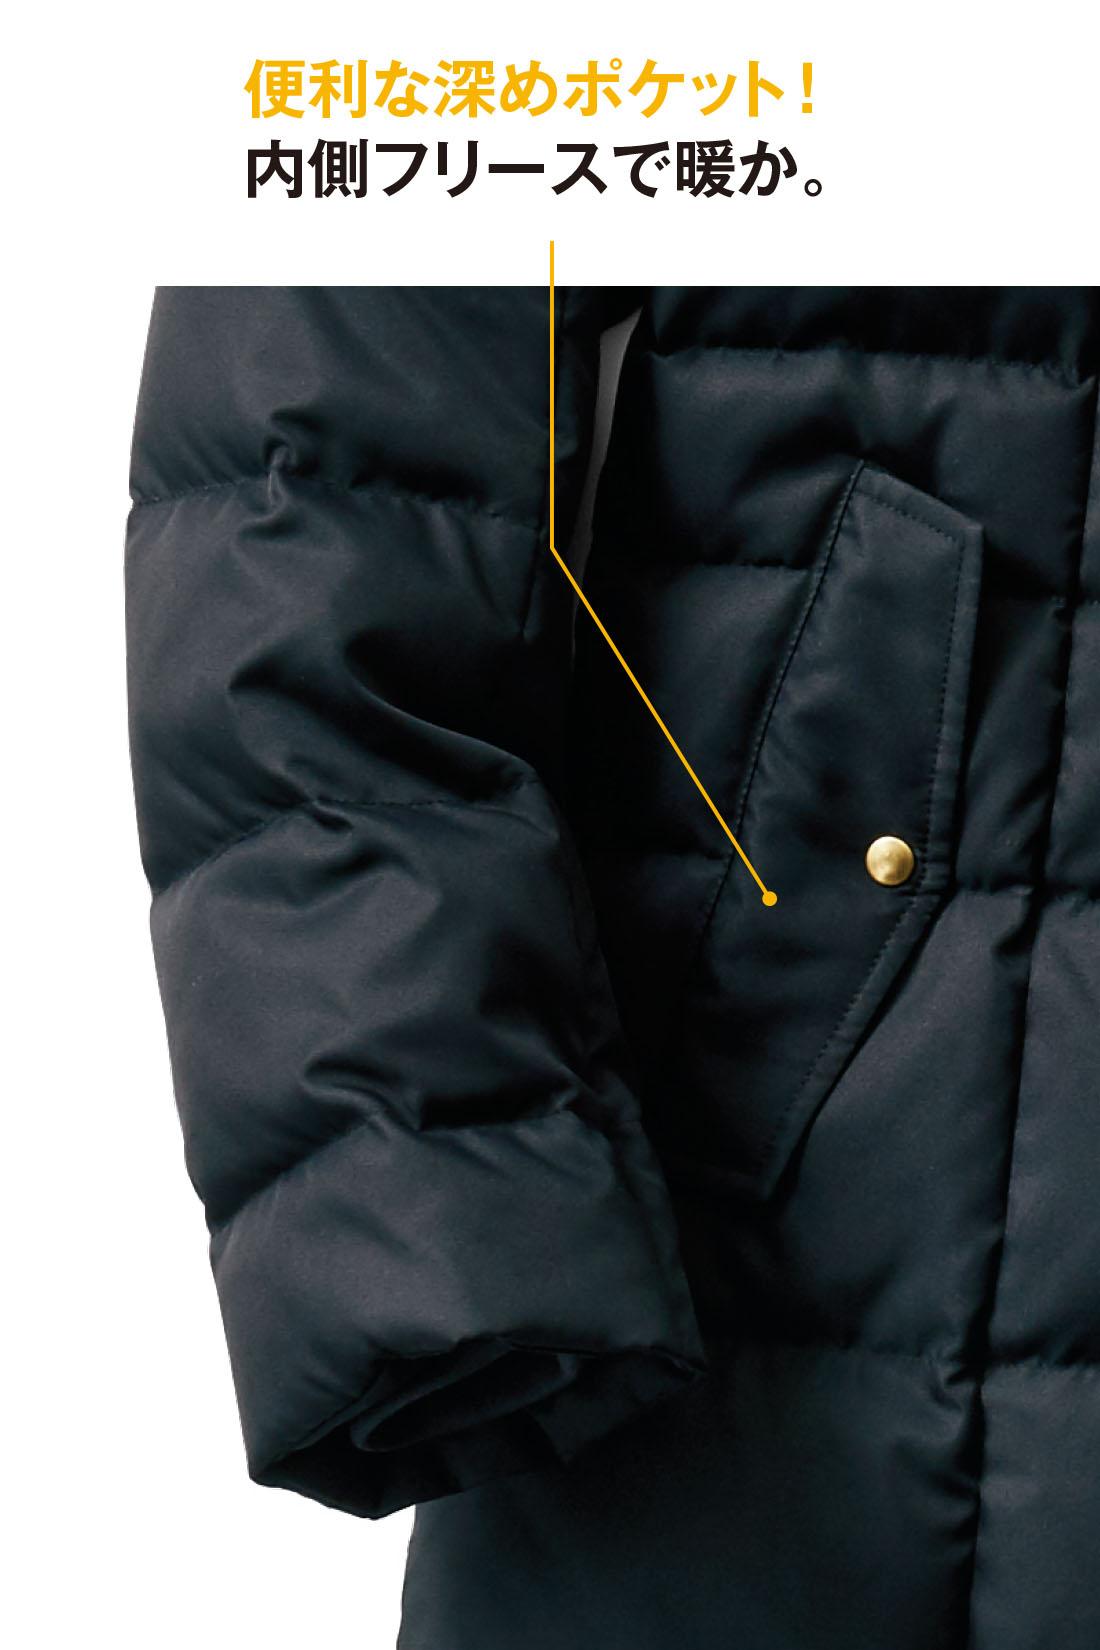 容量たっぷりの両サイドのポケットは深め仕様でとっても便利。手を入れた瞬間のひんやり感が少ないフリース仕立て。